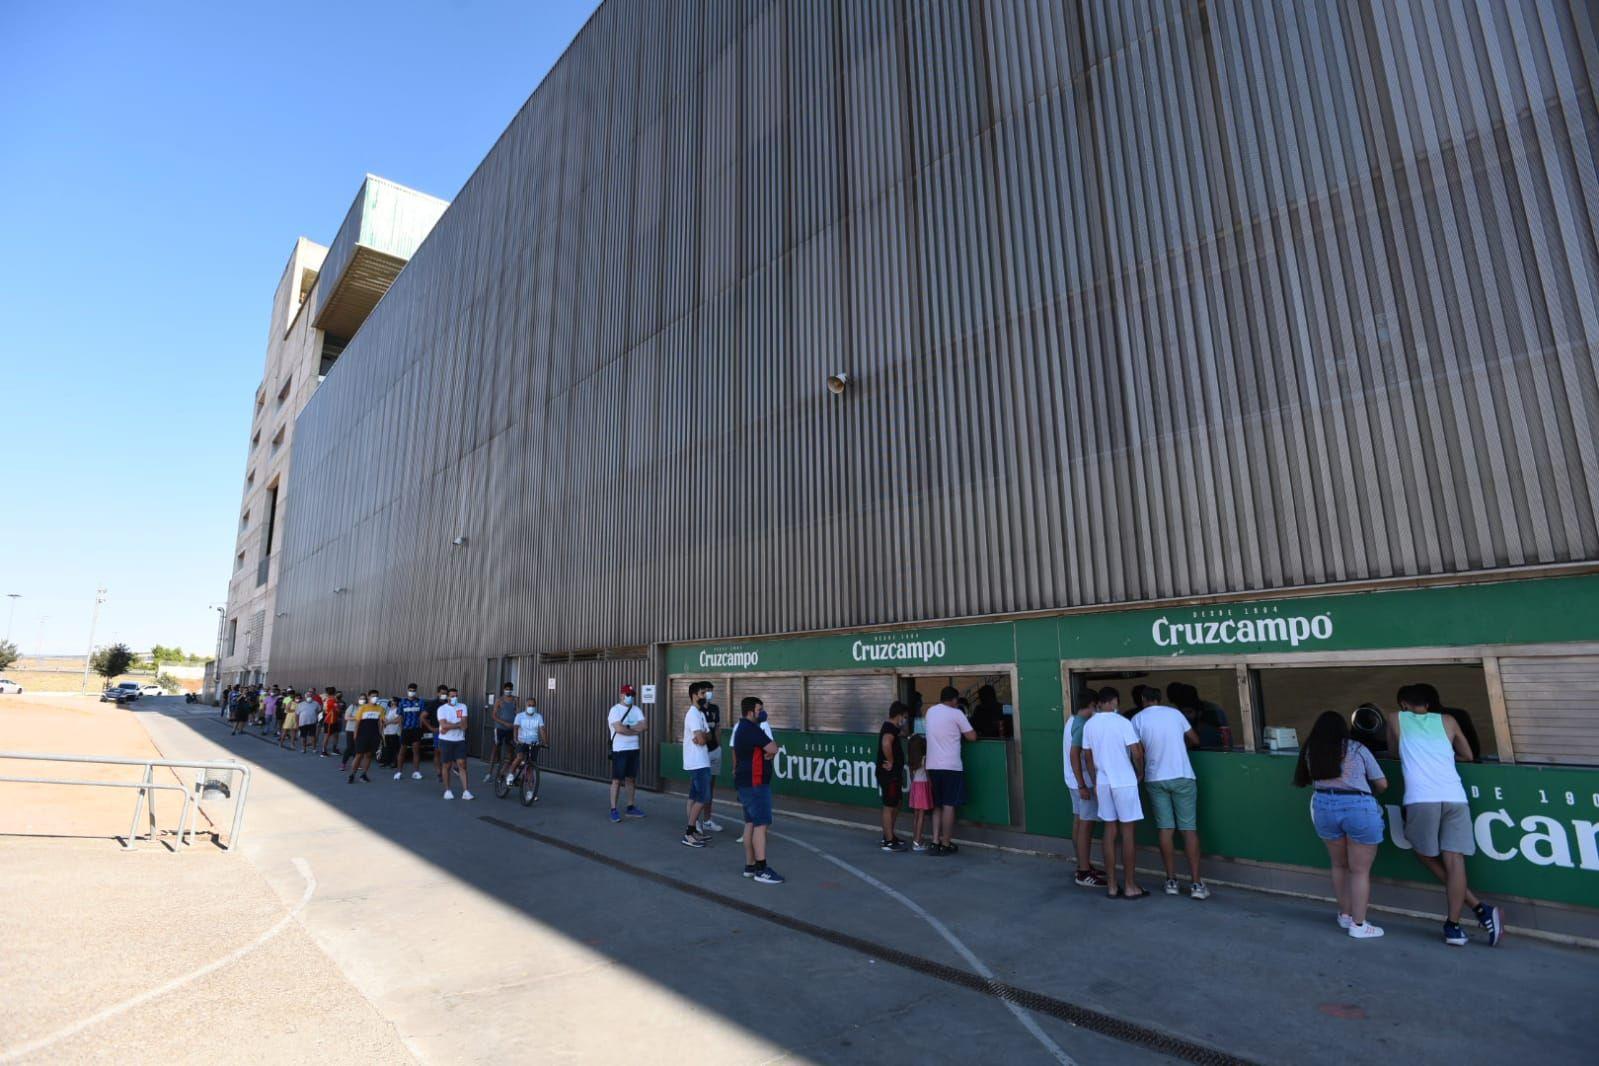 Grandes colas en el Arcángel por una entrada para el amistoso contra el Marbella